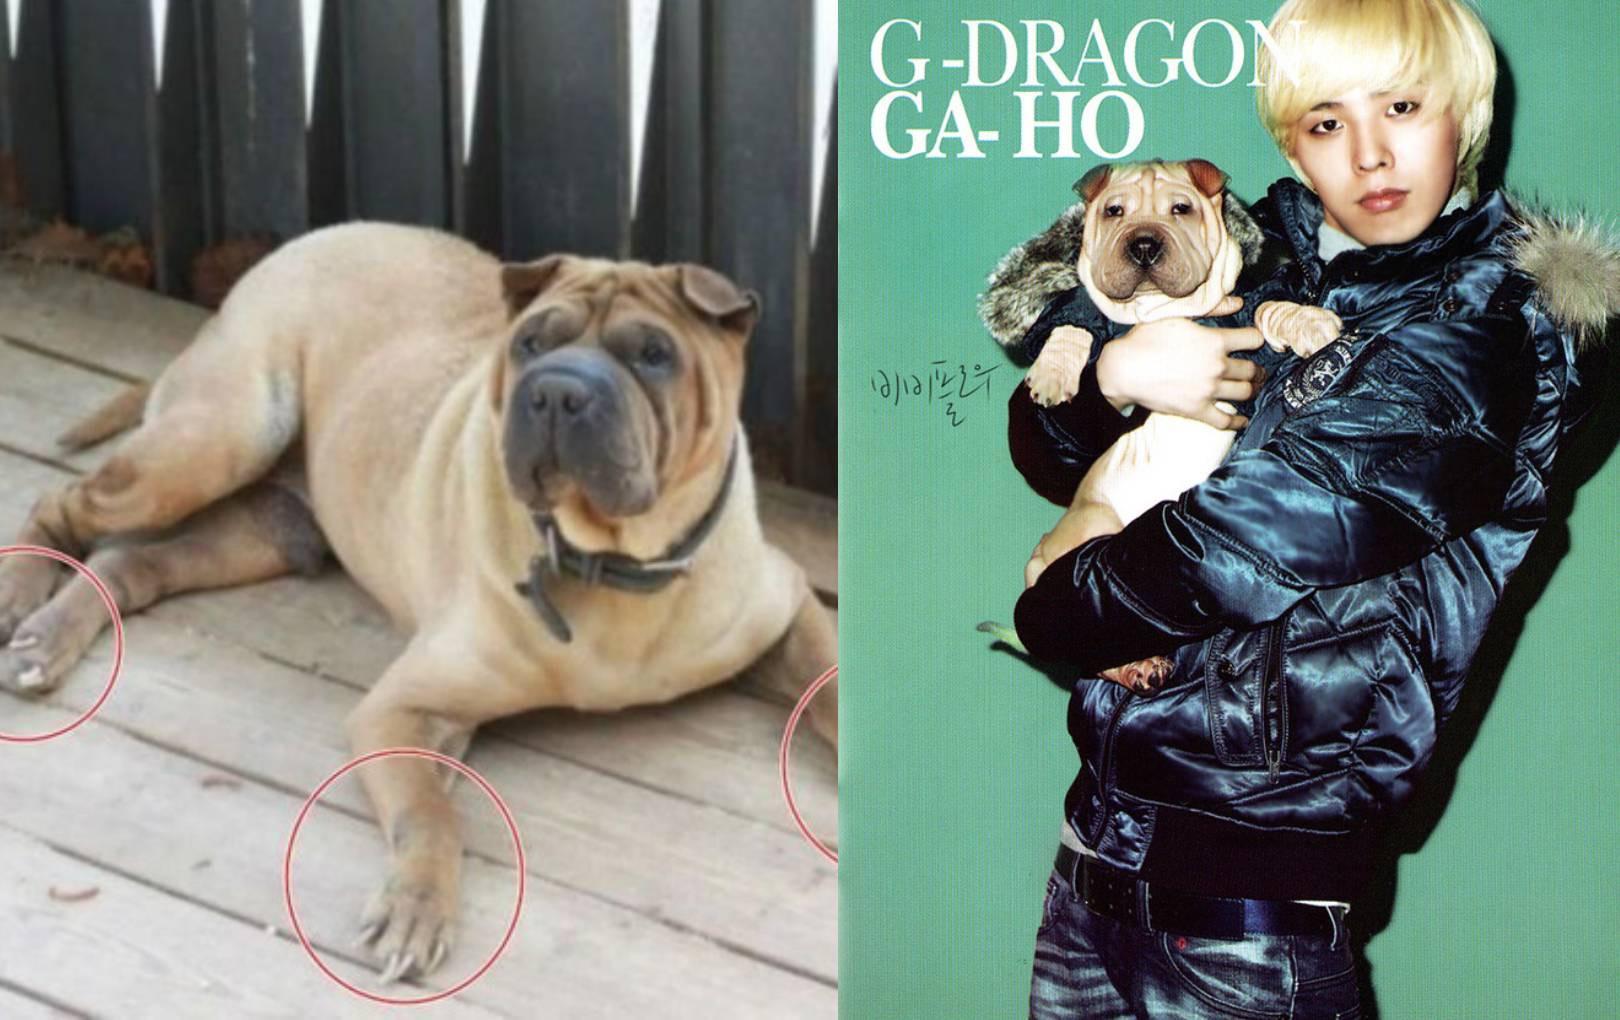 G-Dragon bị chỉ trích vì bỏ bê thú cưng, chuyện tưởng nhỏ nhưng gây tranh cãi gay gắt